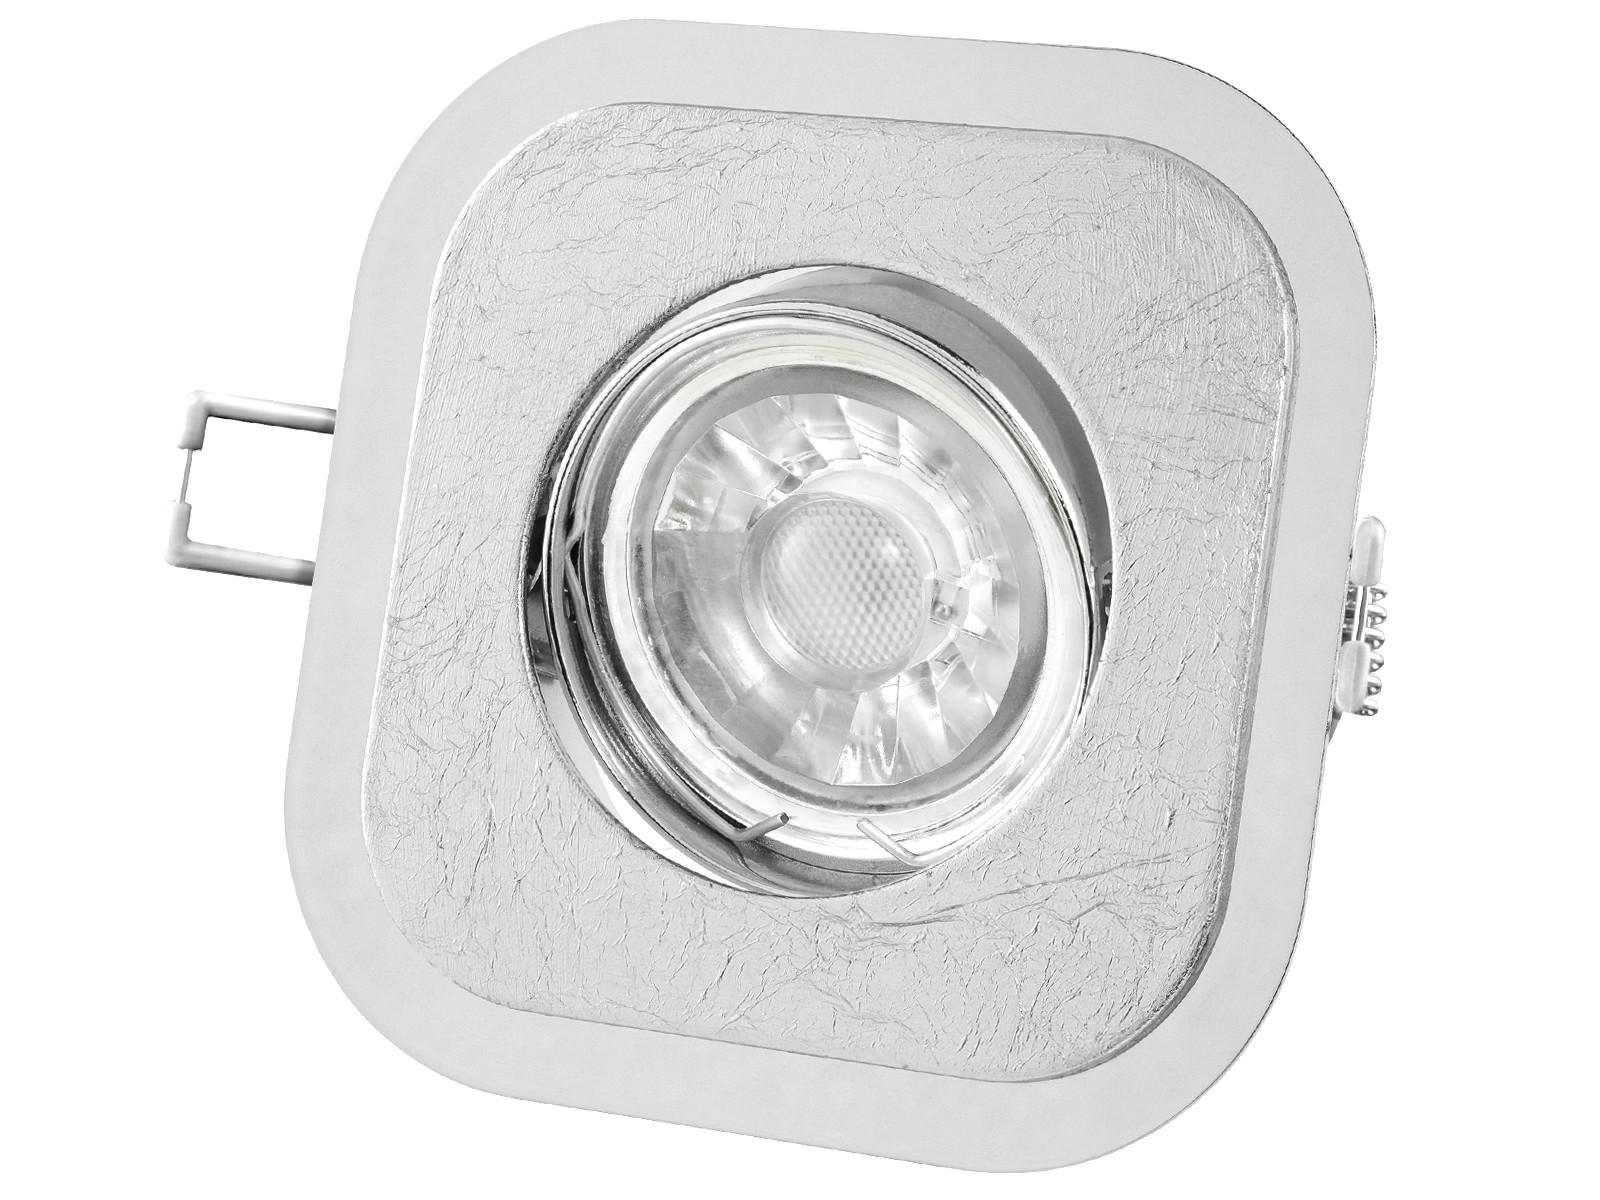 Luxus-flach-silber-geschwenkt Verwunderlich Gu10 Led Dimmbar Dekorationen